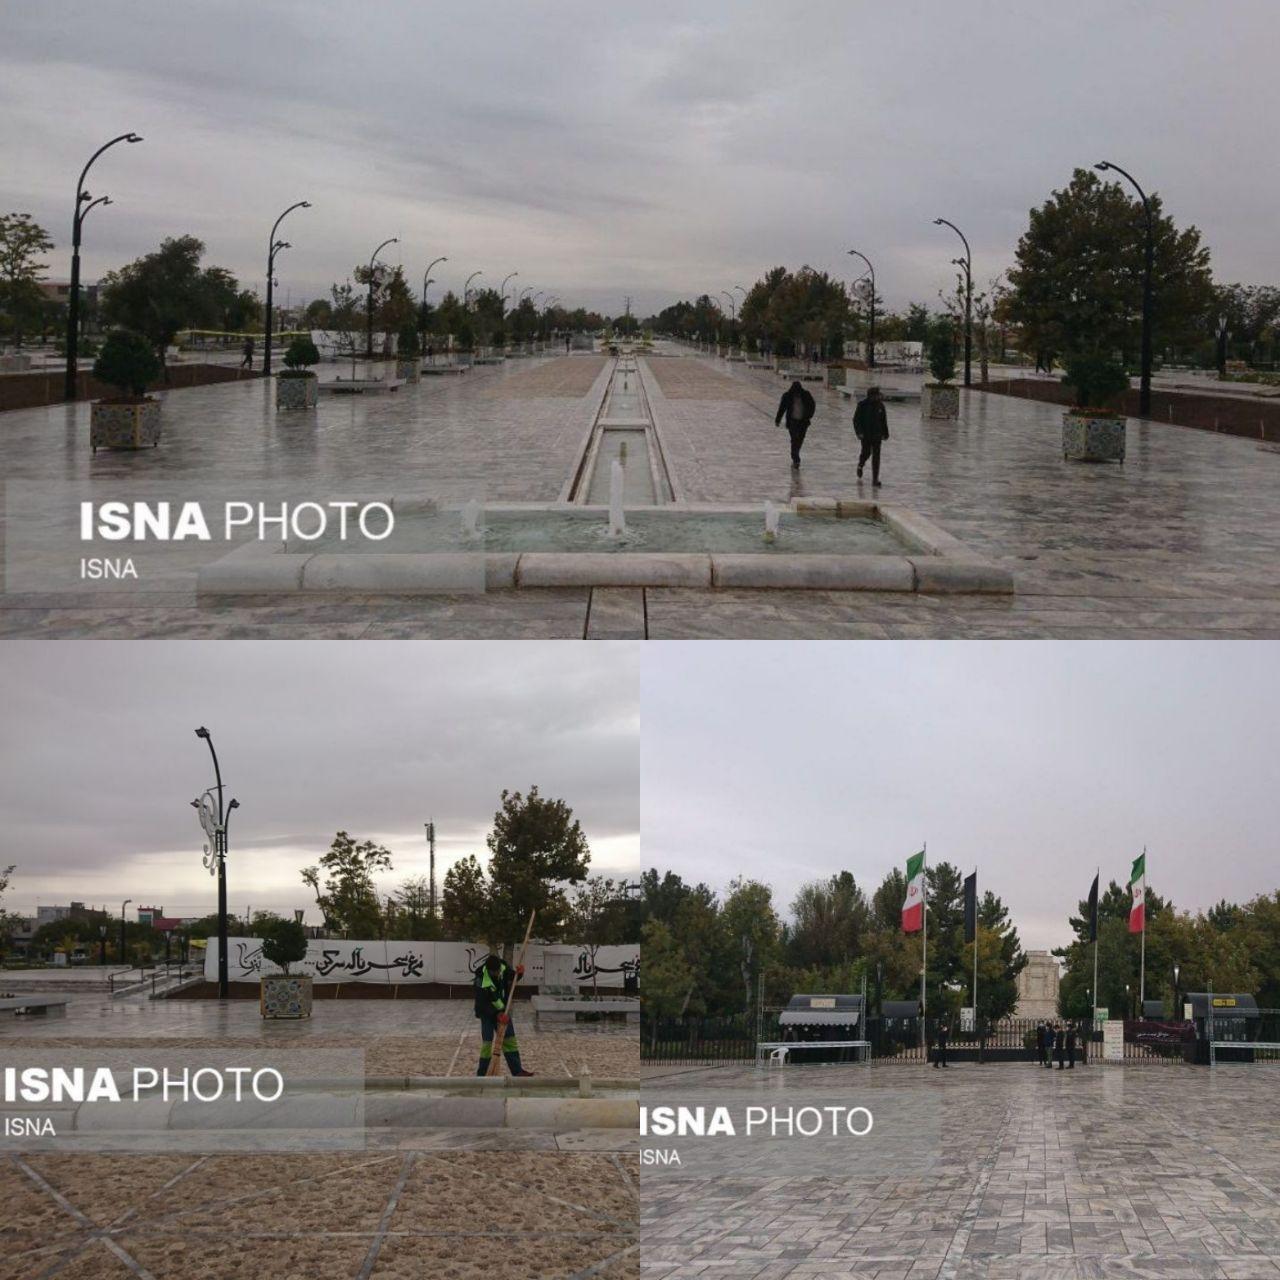 photo_2020-10-09_08-31-14